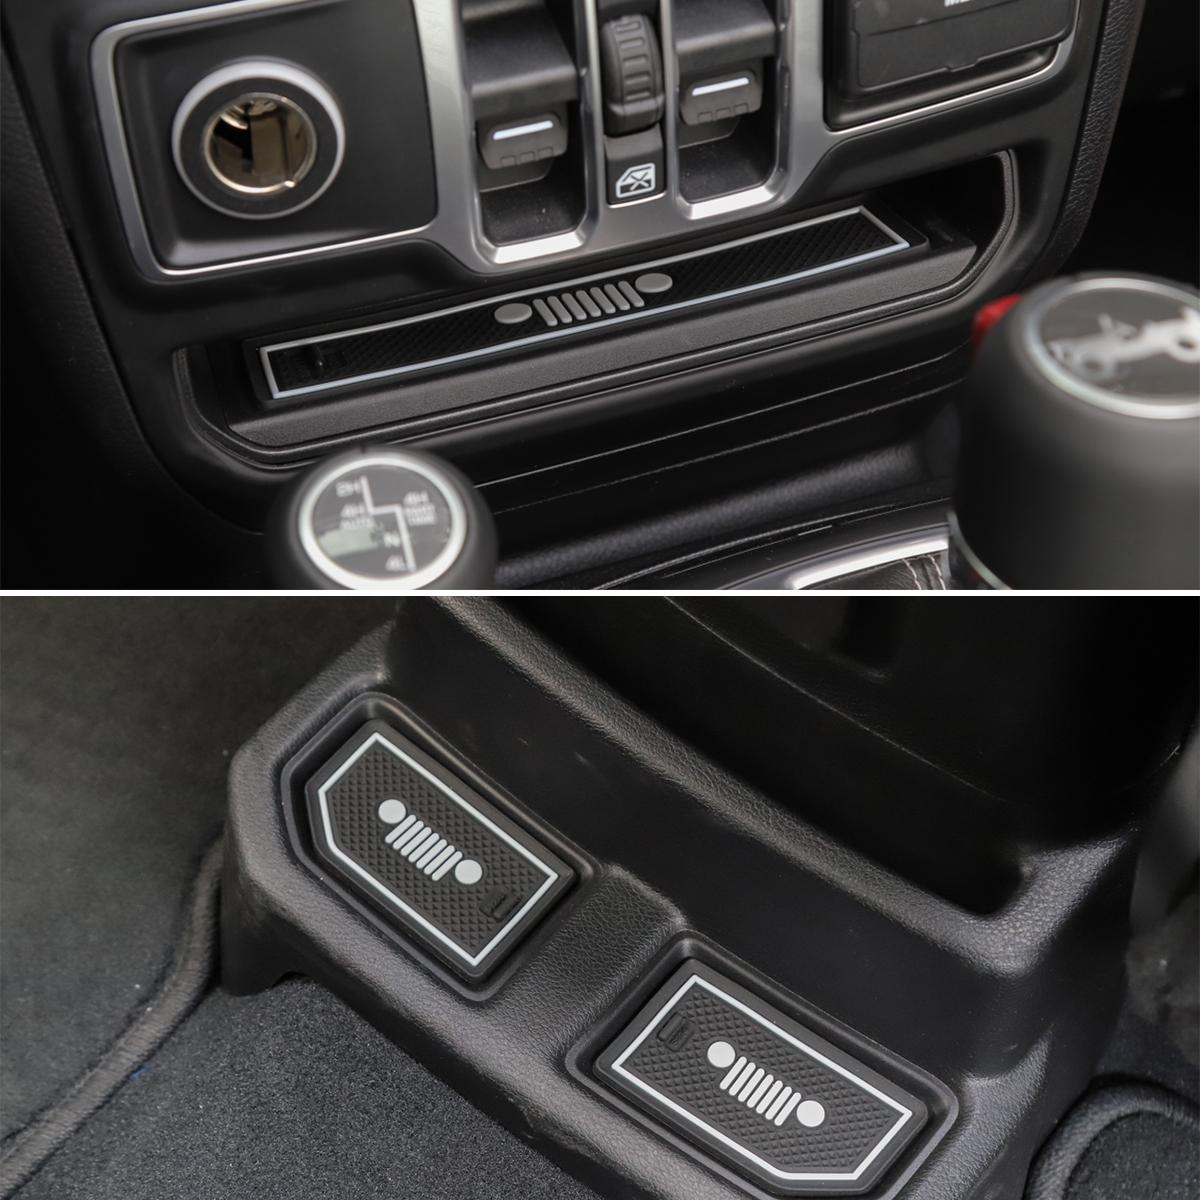 19 Pcs Rubber Car Interior Door Non-slip Cup Slot Pad Dustproof Mat for Jeep for Wrangler JL 2018